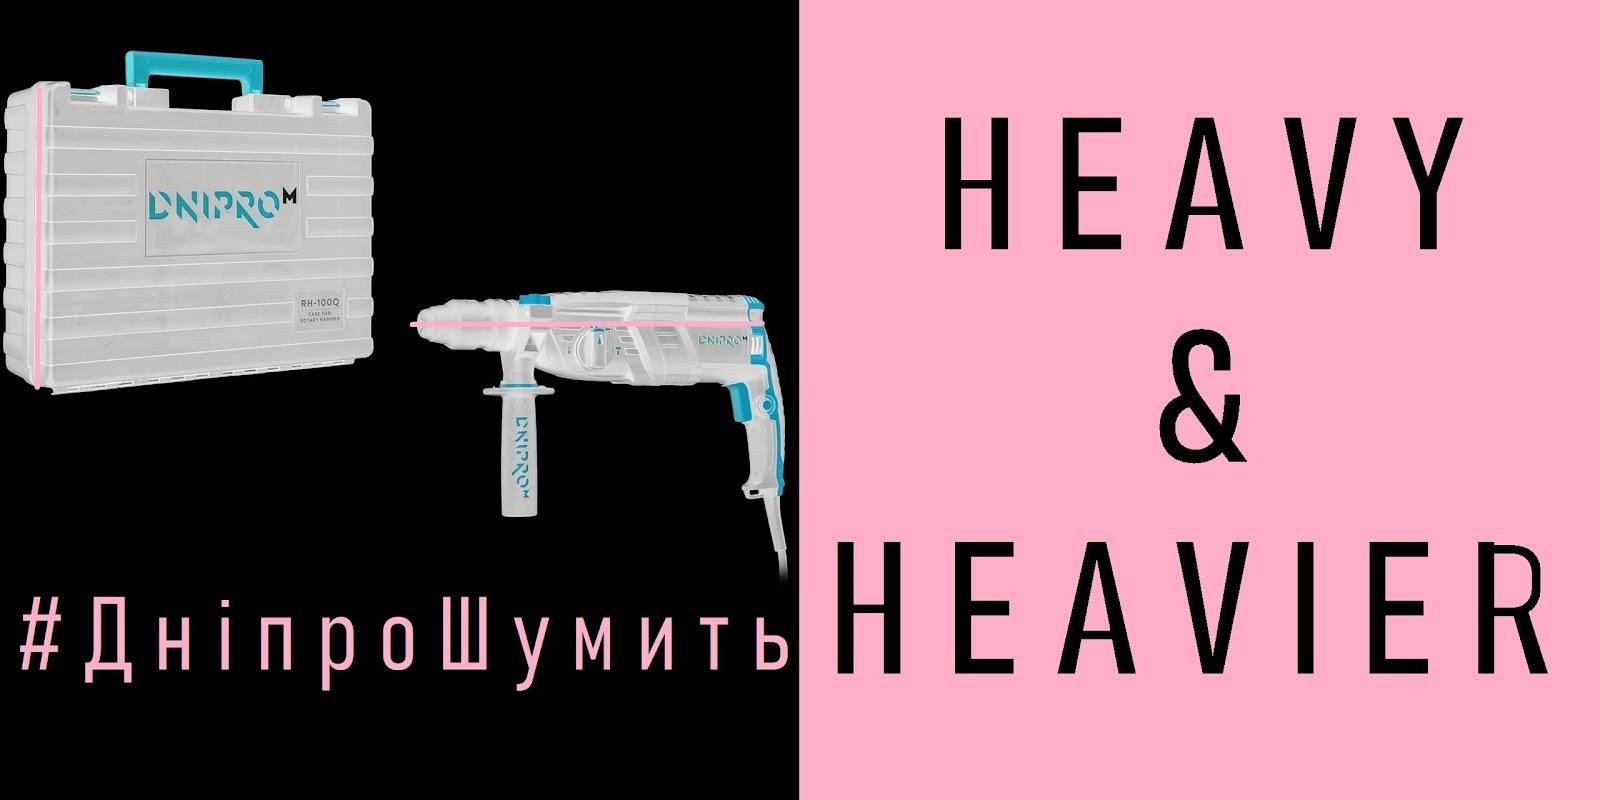 """#ДніпроШумить: 5+ найцікавіших """"важких"""" музичних гуртів Дніпра - 1 зображення"""